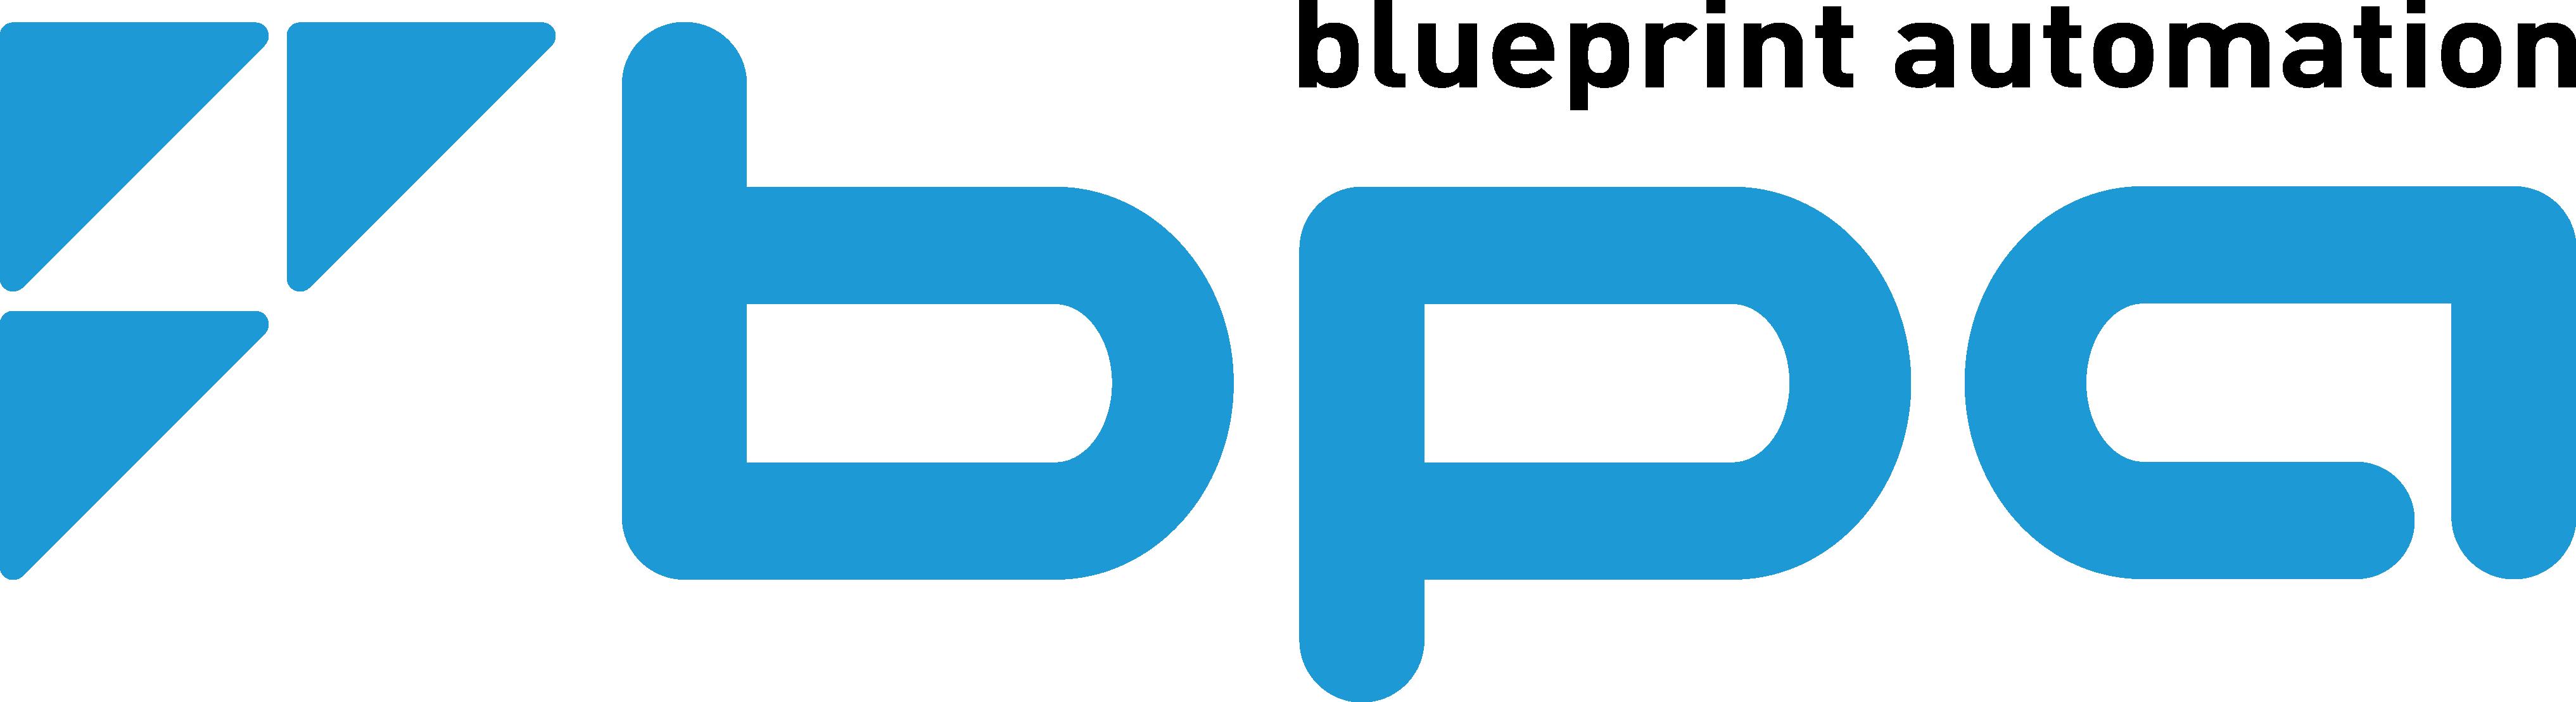 logo-bpa-2925c.png